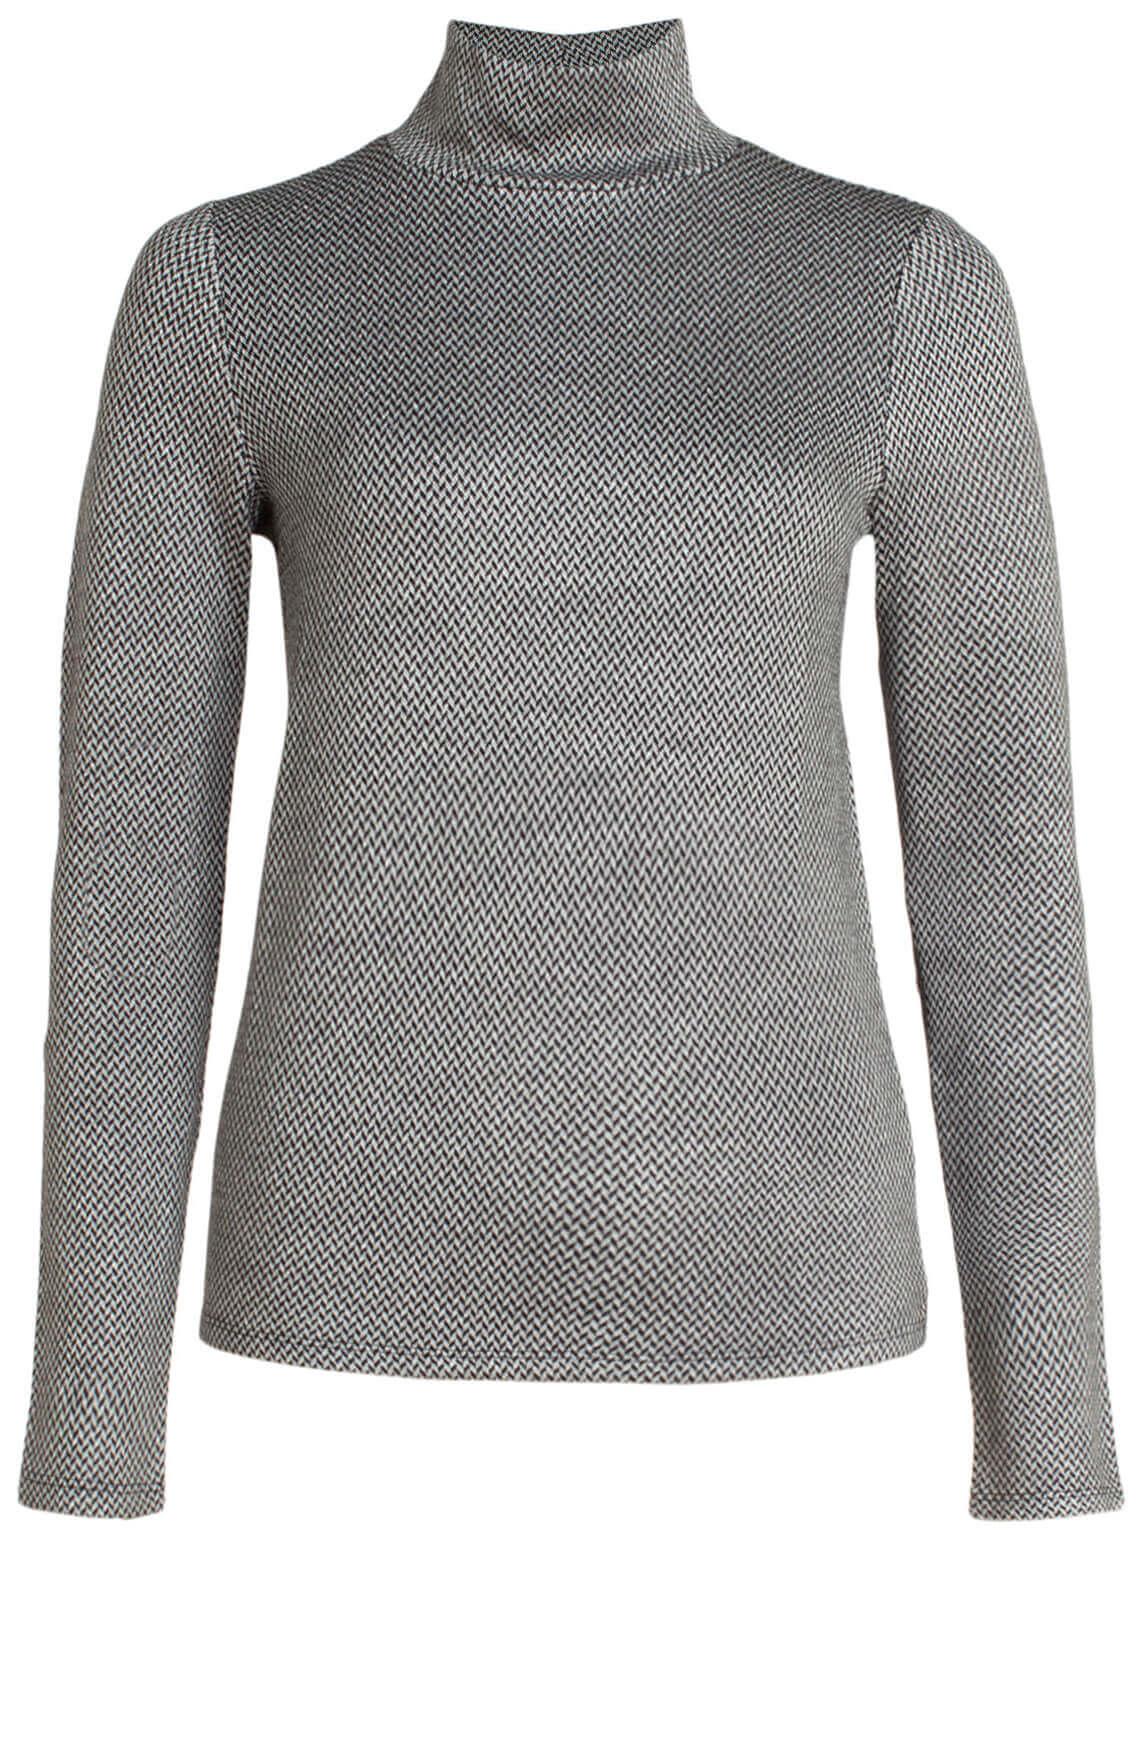 Alix The Label Dames Shirt met dessin zwart